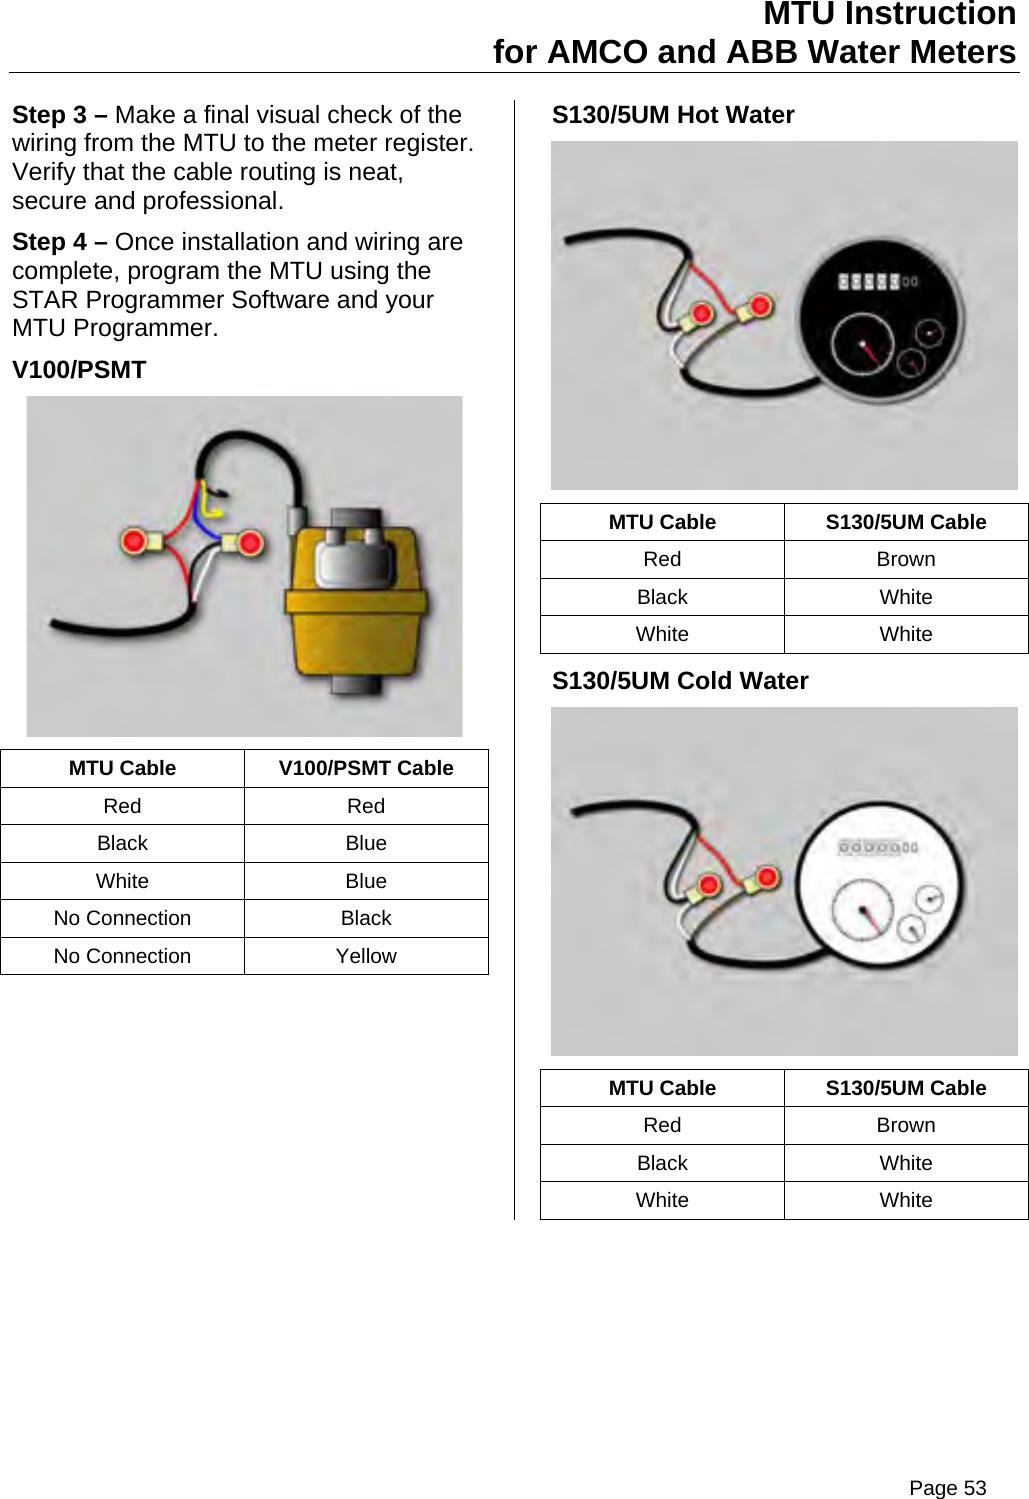 Aclara Technologies 14973 TRANSMITTER FOR METER READING User Manual [ 1499 x 1029 Pixel ]